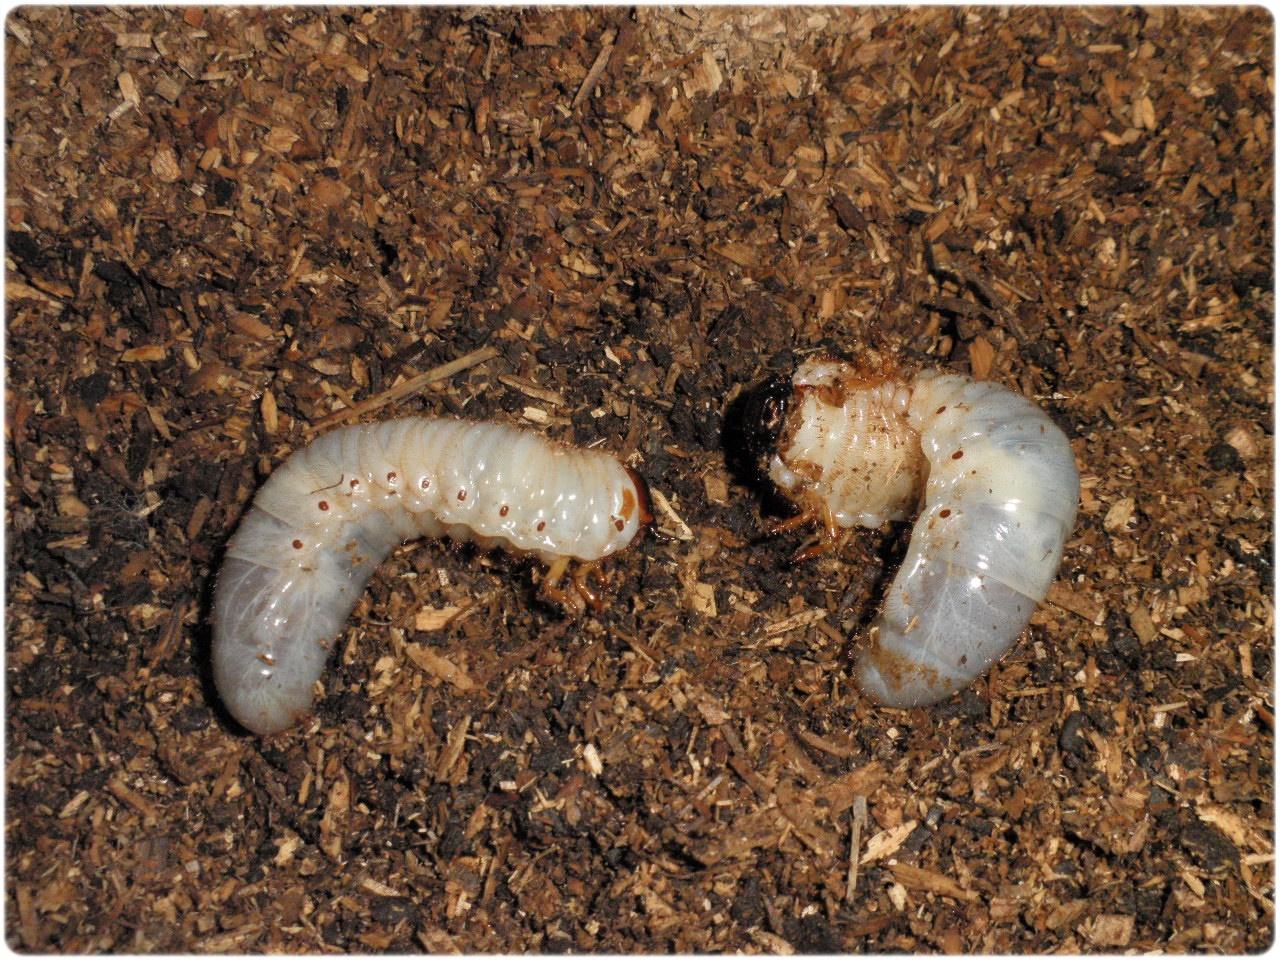 幼虫 なる カブトムシ から 蛹 まで に